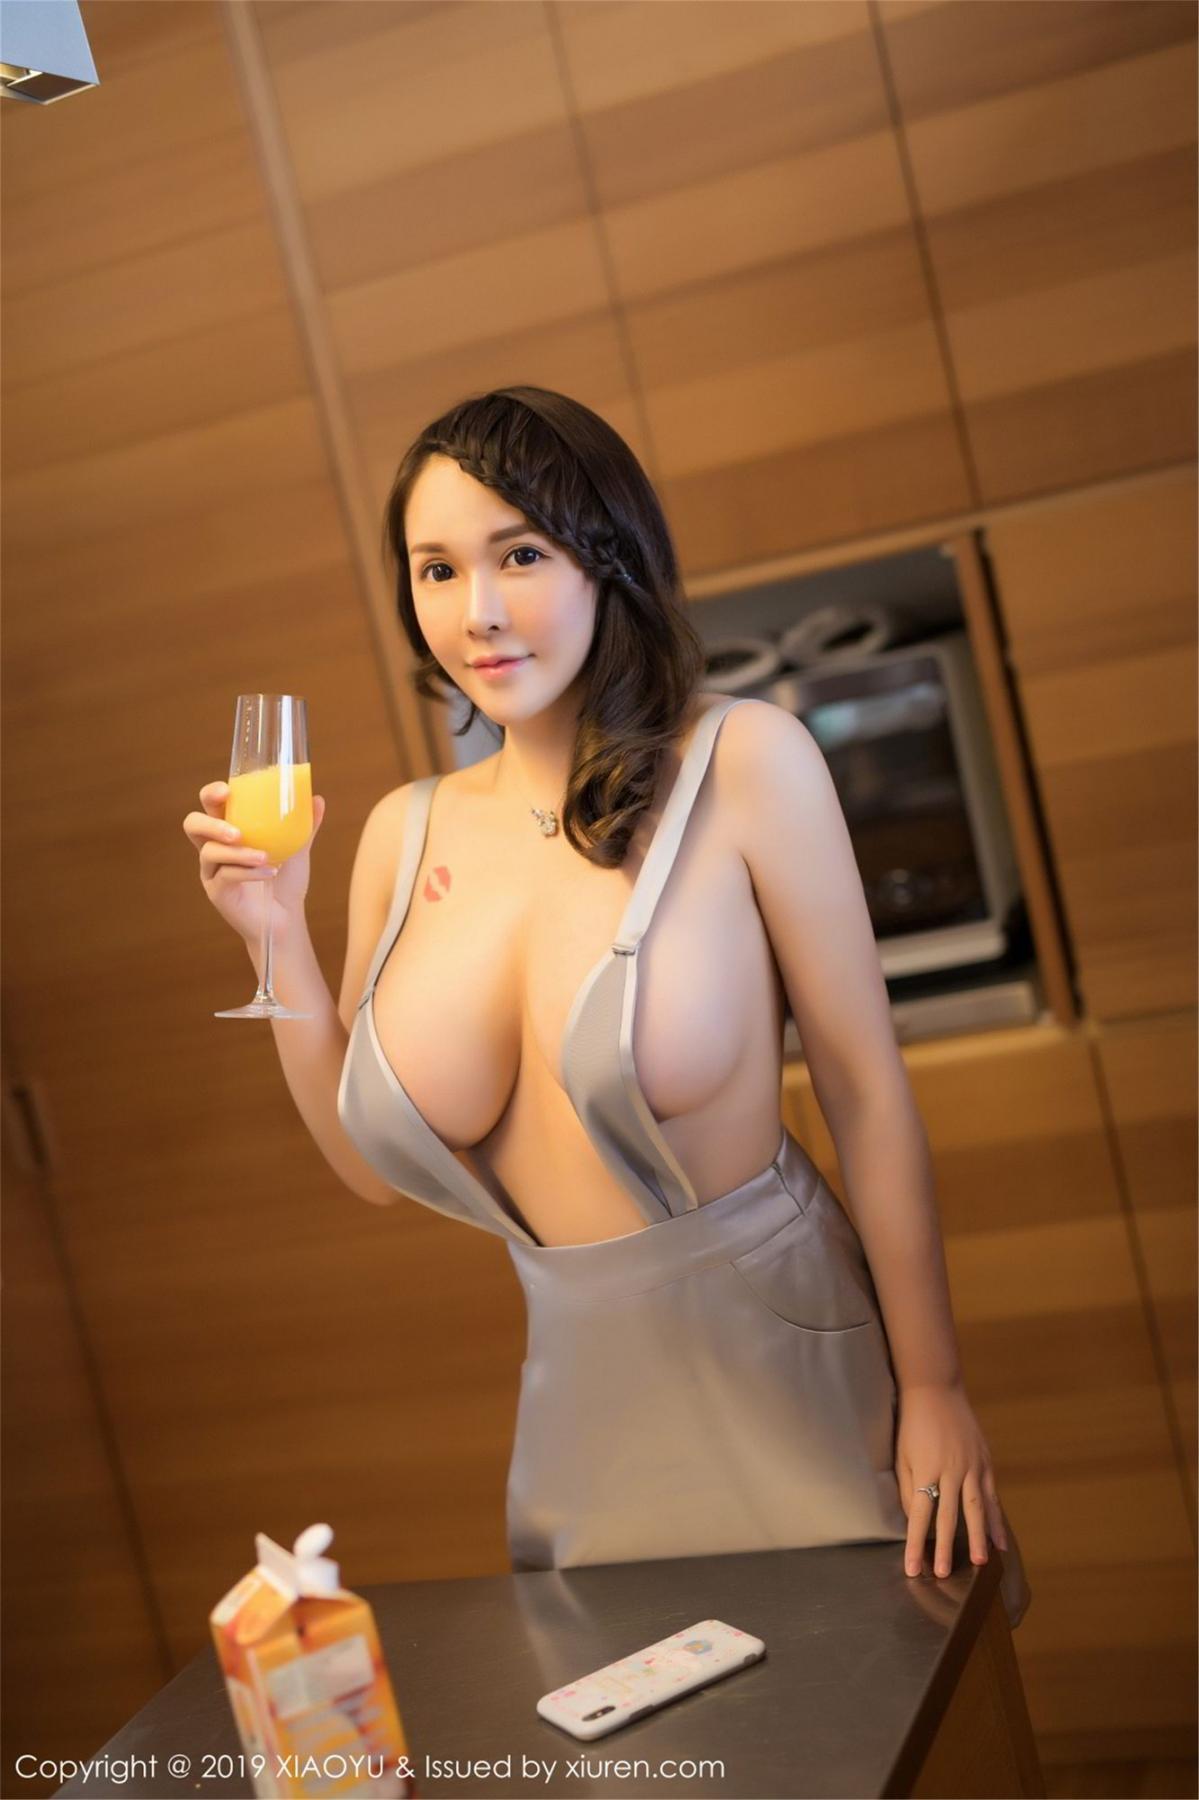 [XiaoYu] Vol.080 Shen Mi Tao 8P, Shen Mi Tao, XiaoYu